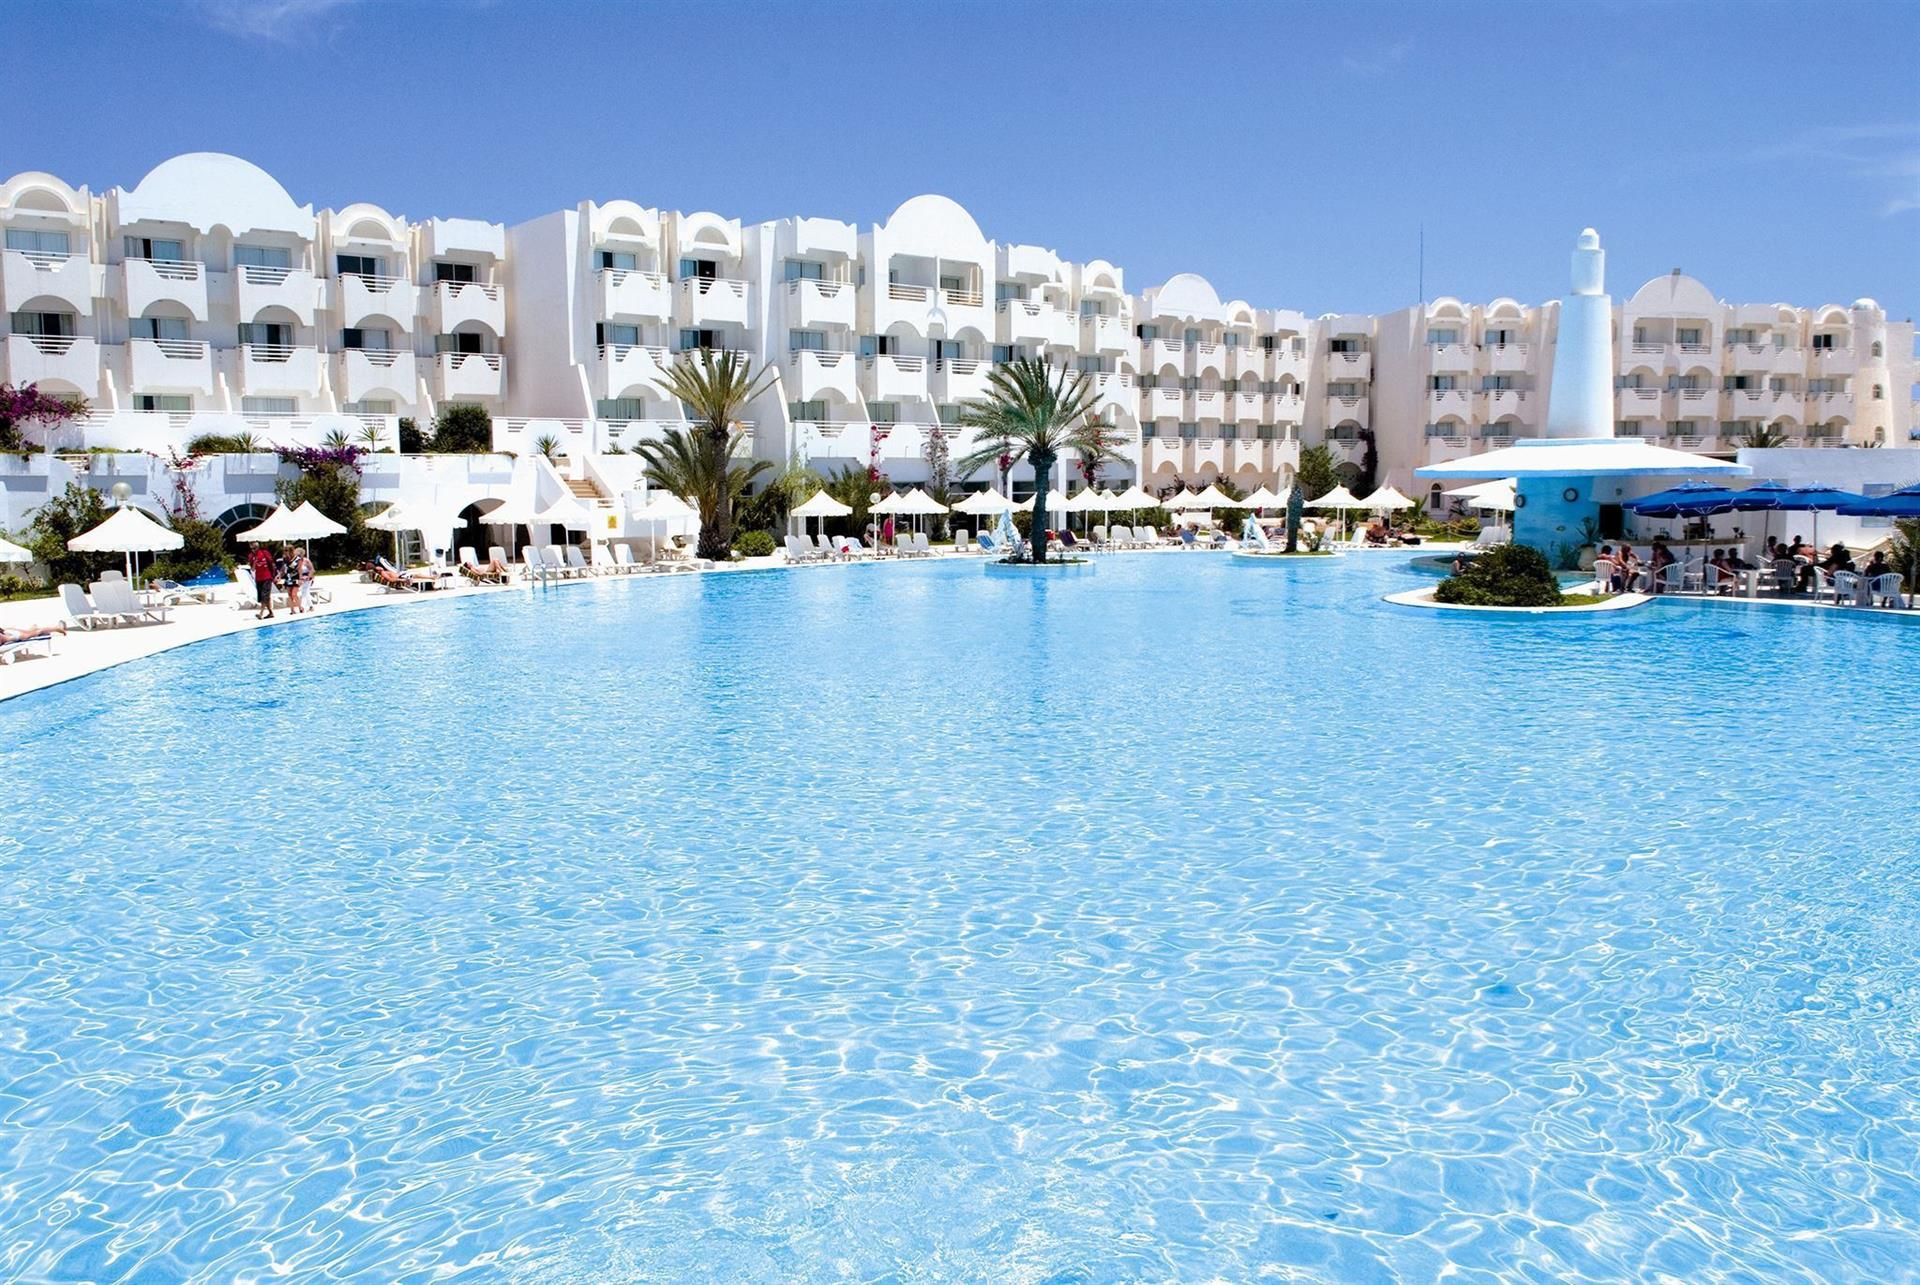 отель браво джерба тунис фото